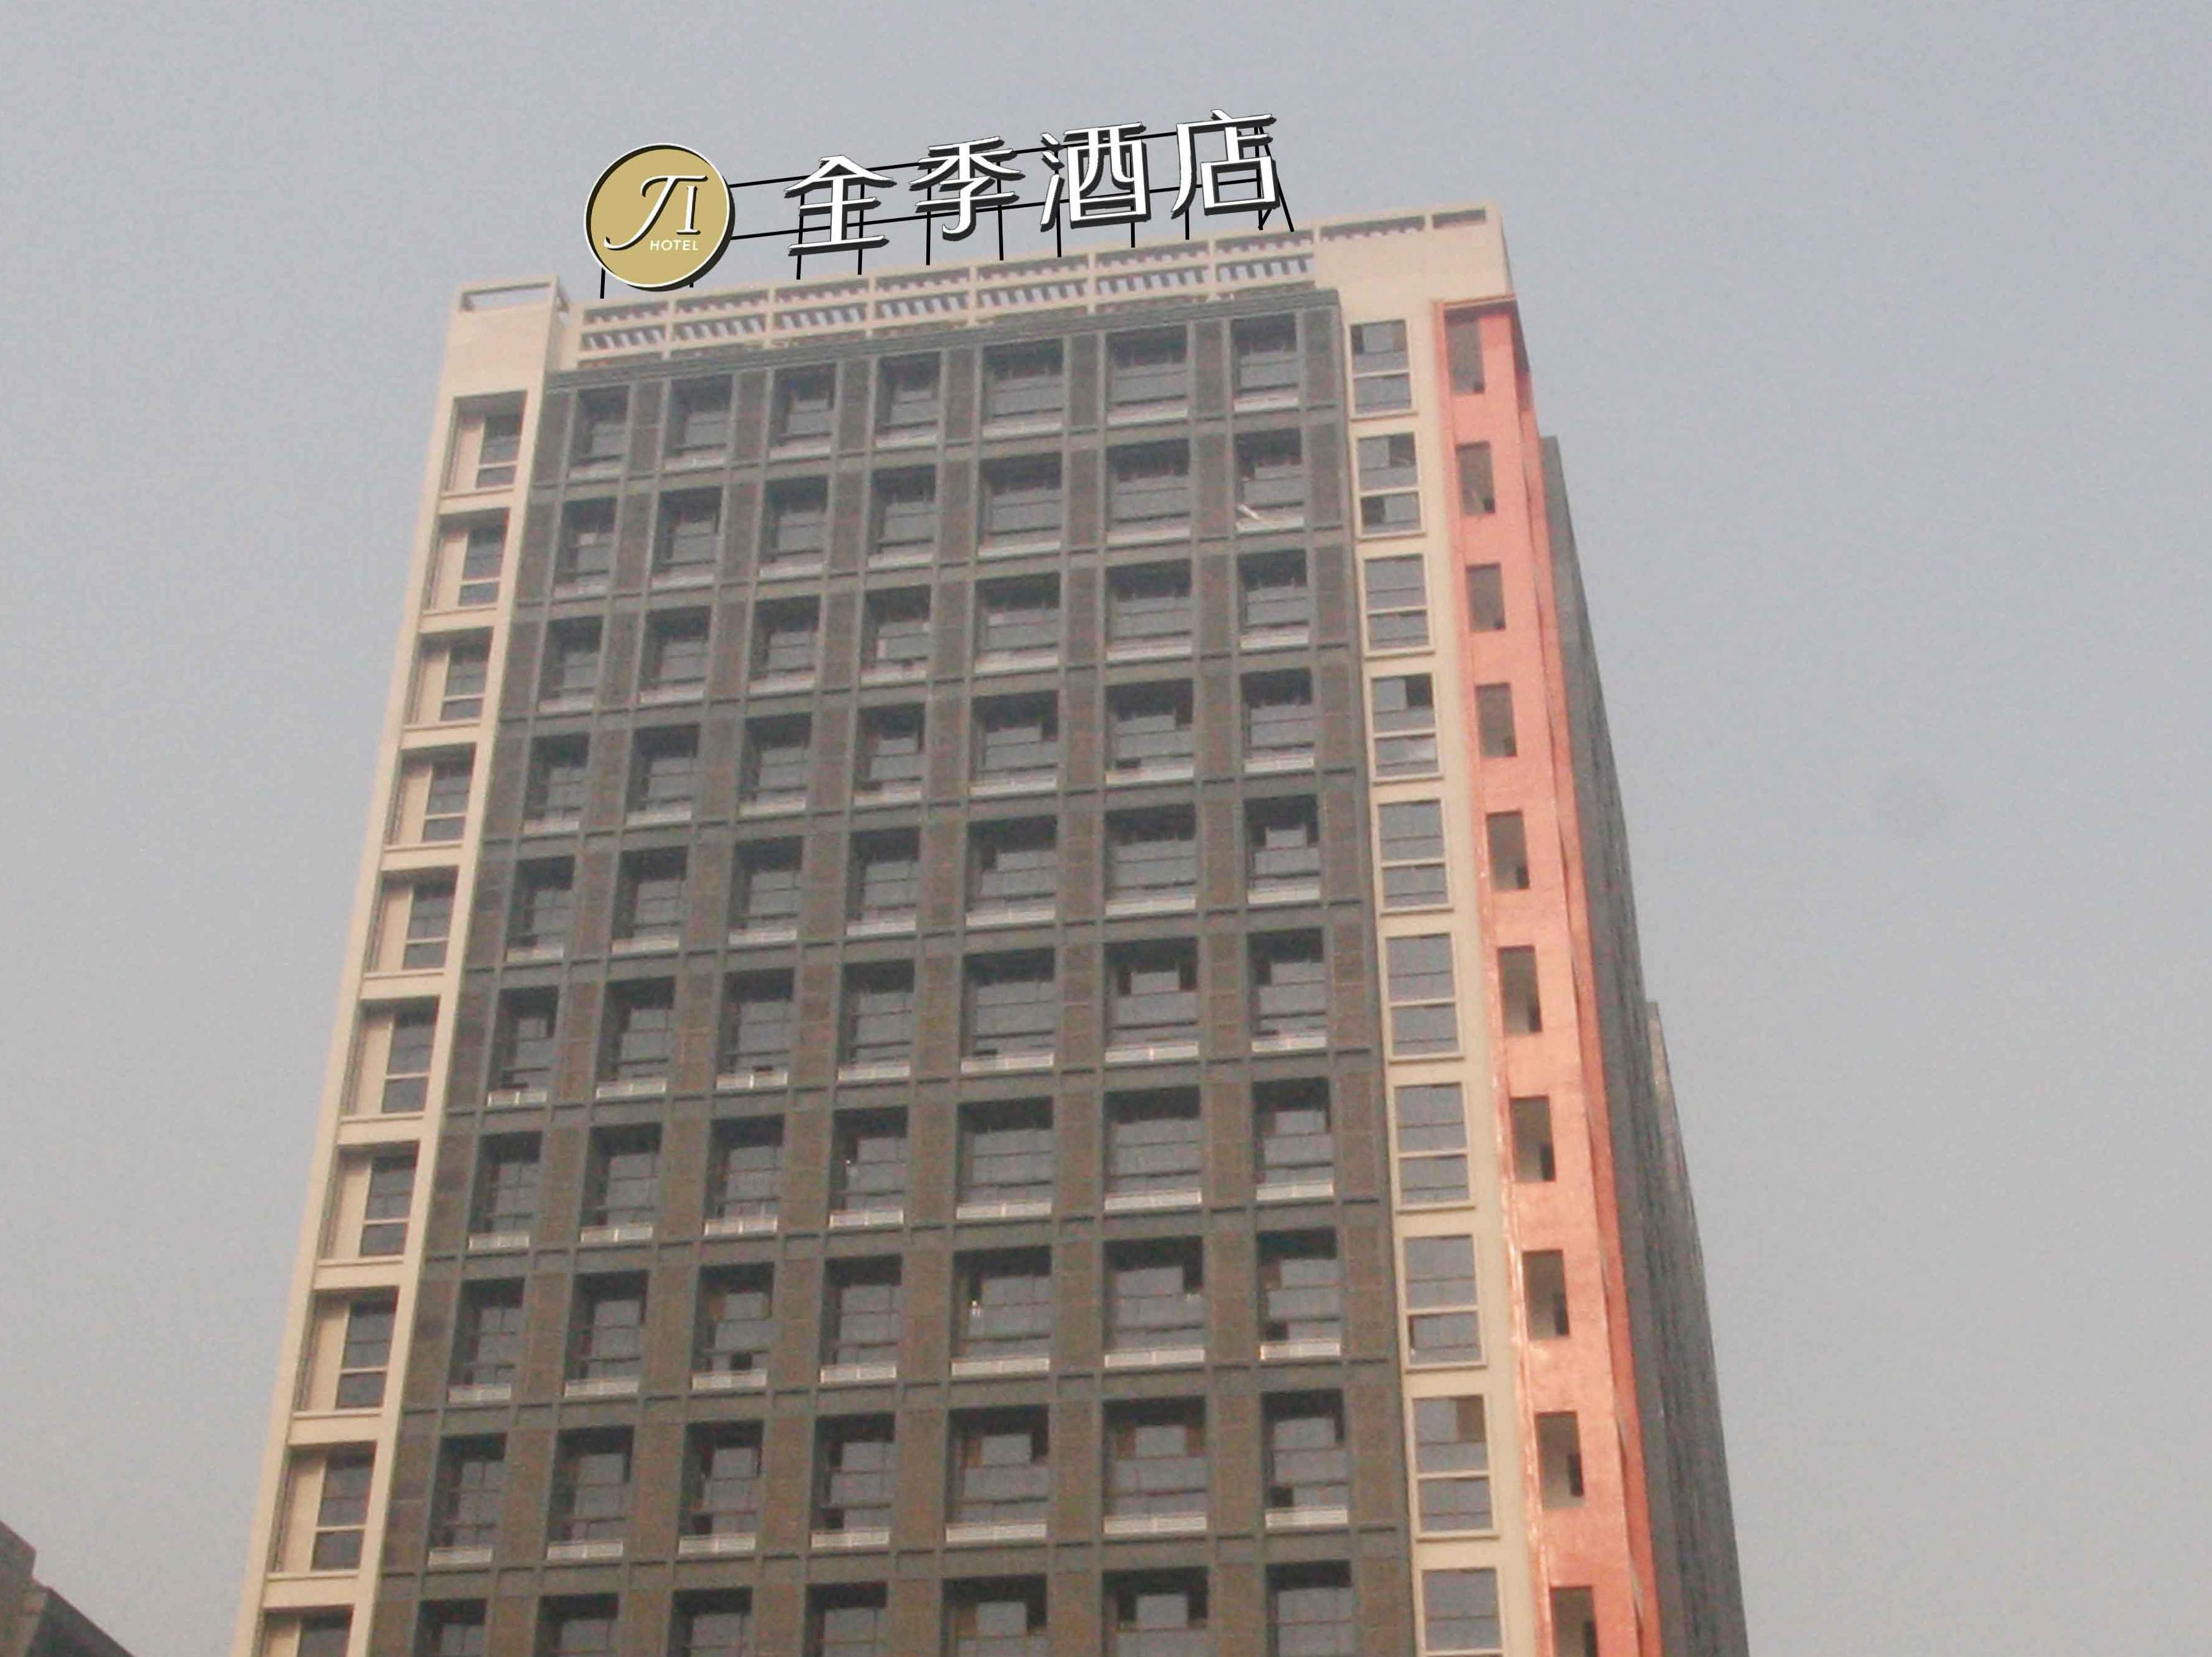 JI Hotel Xi'an Gao Xin Qu